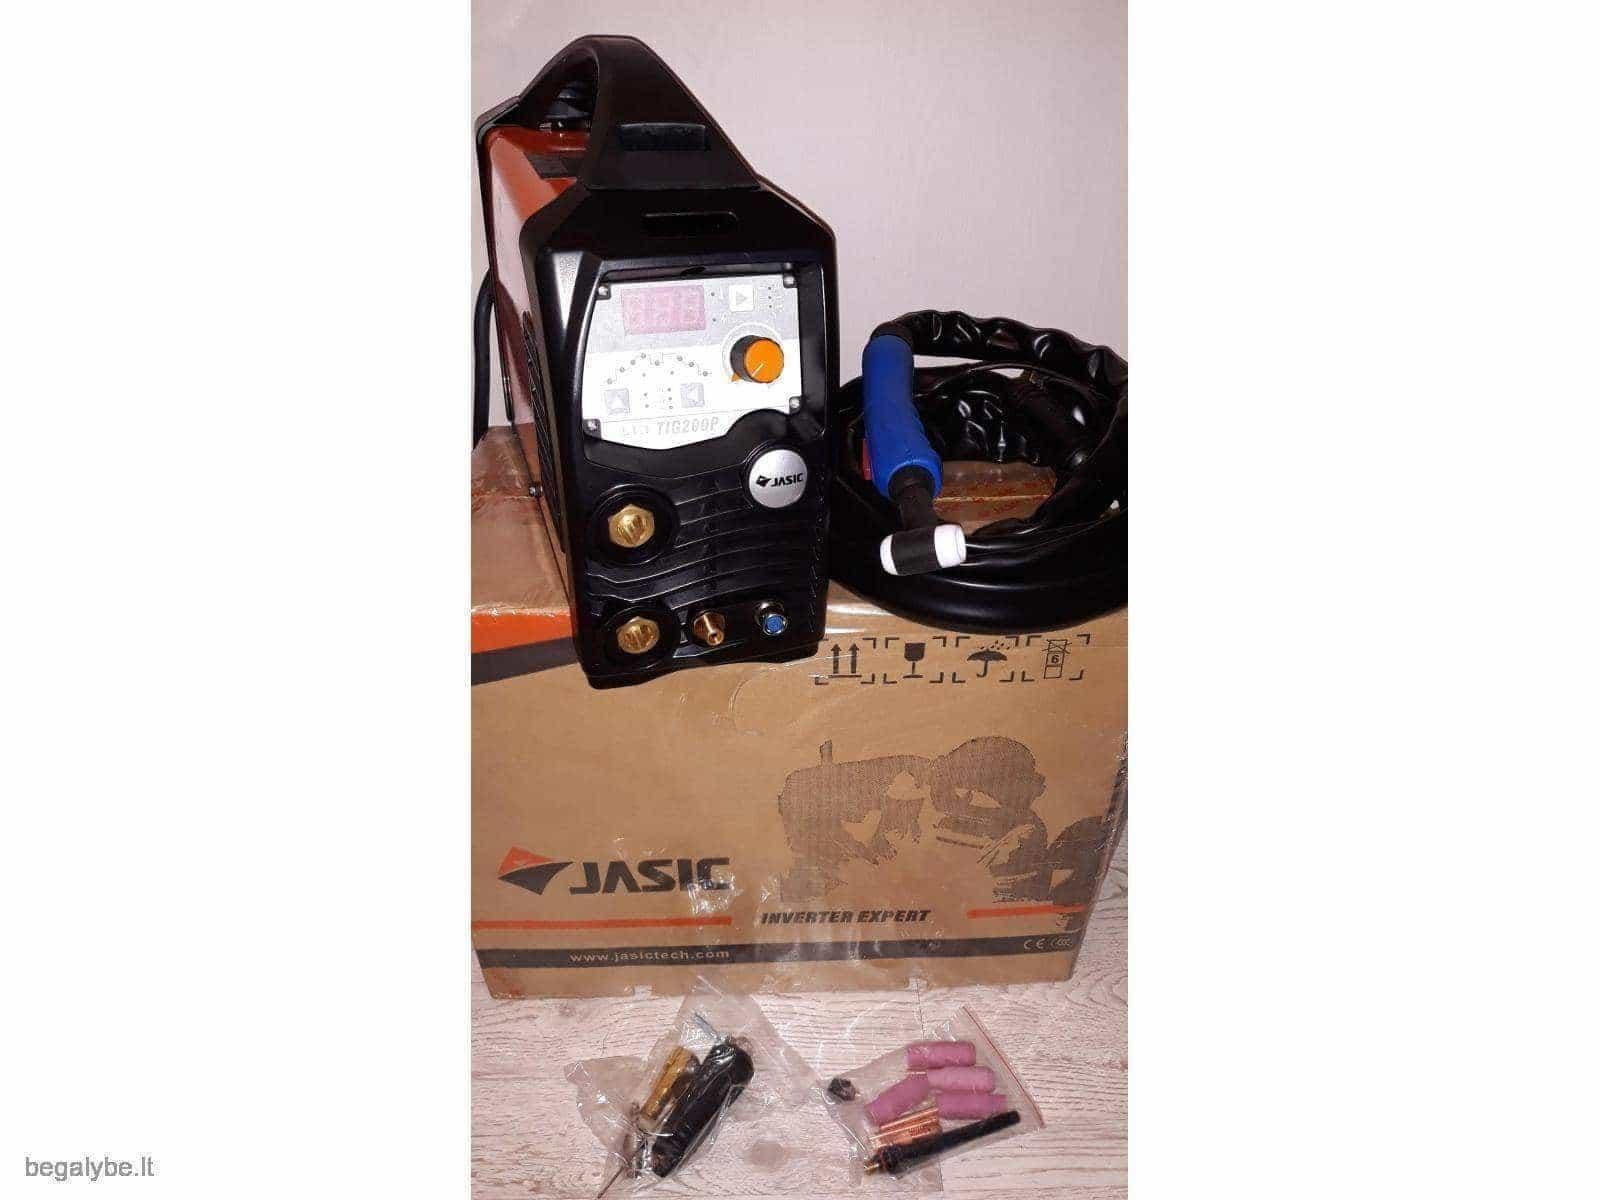 Suvirinimo aparatas Jasic tig/mma 200A - 3/20